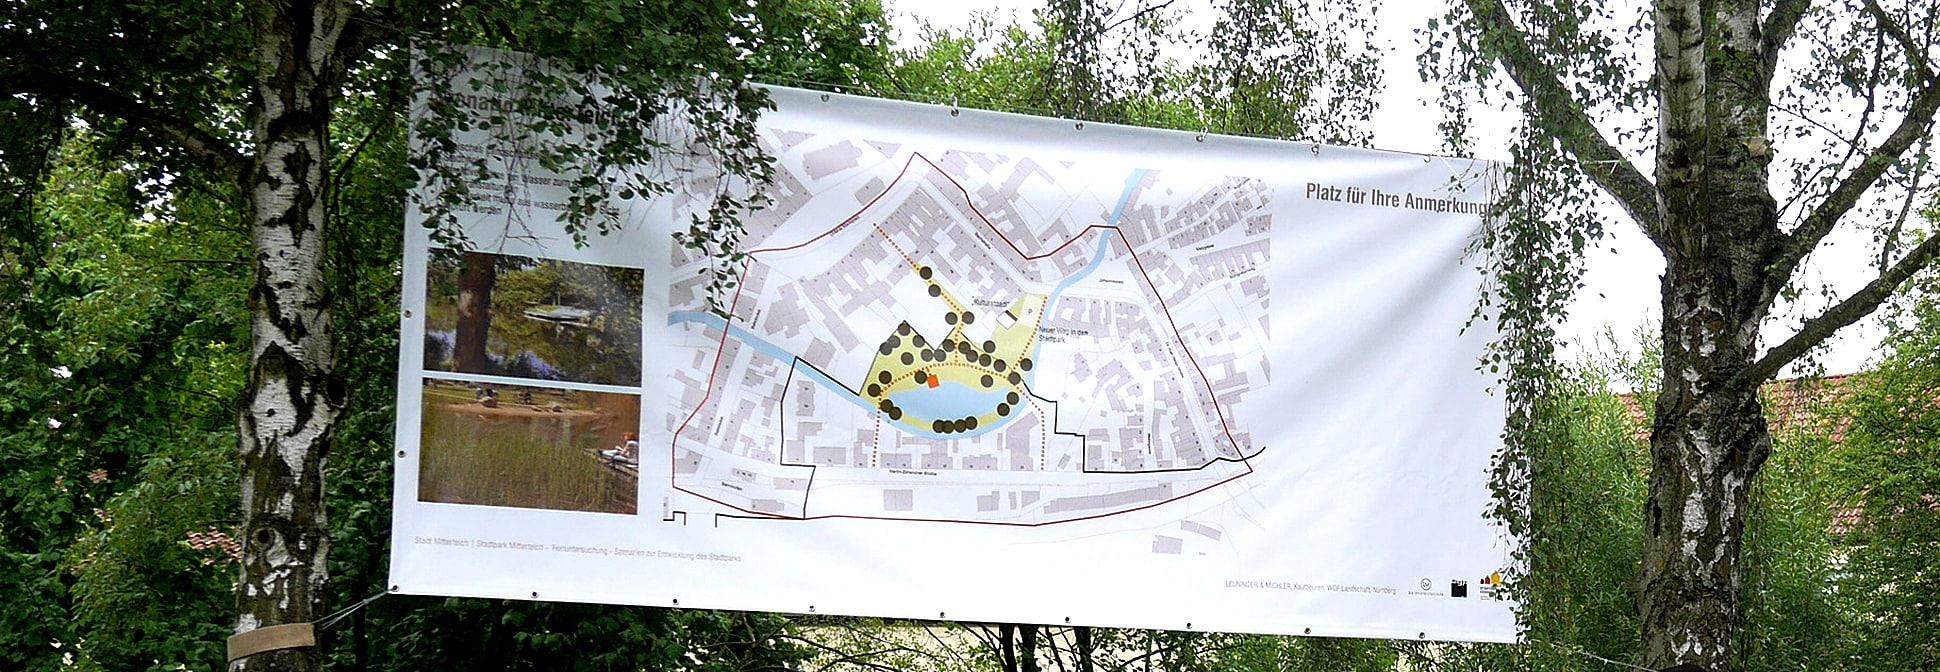 Szenario Stadtpark Mitterteich